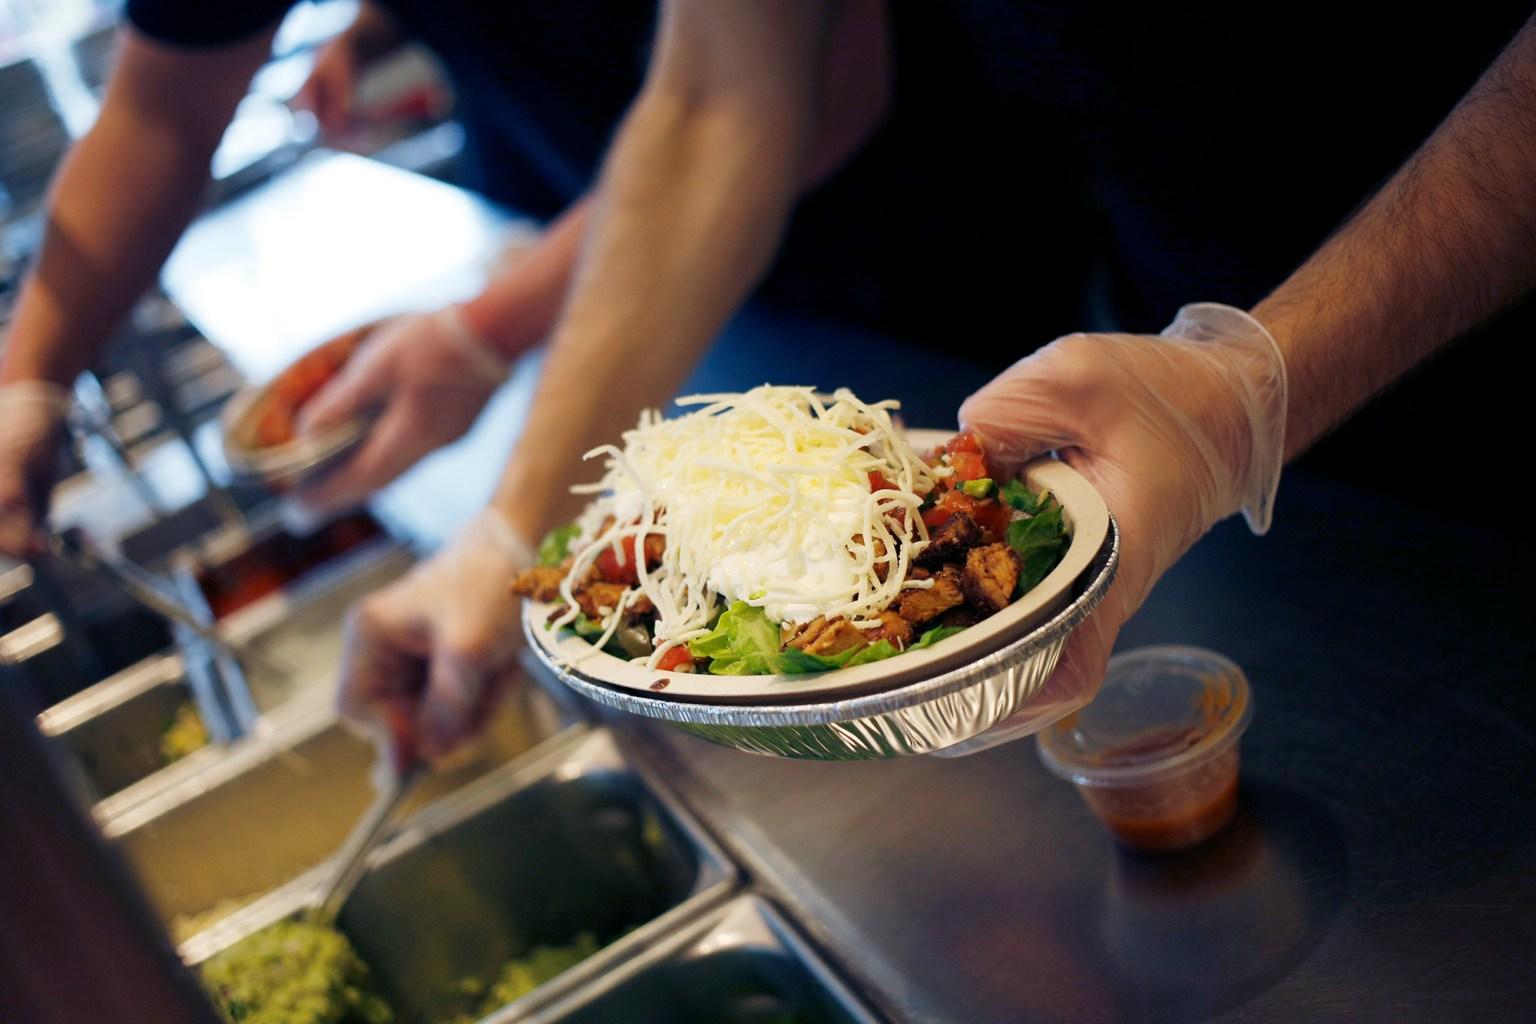 Chipotle raises its menu prices